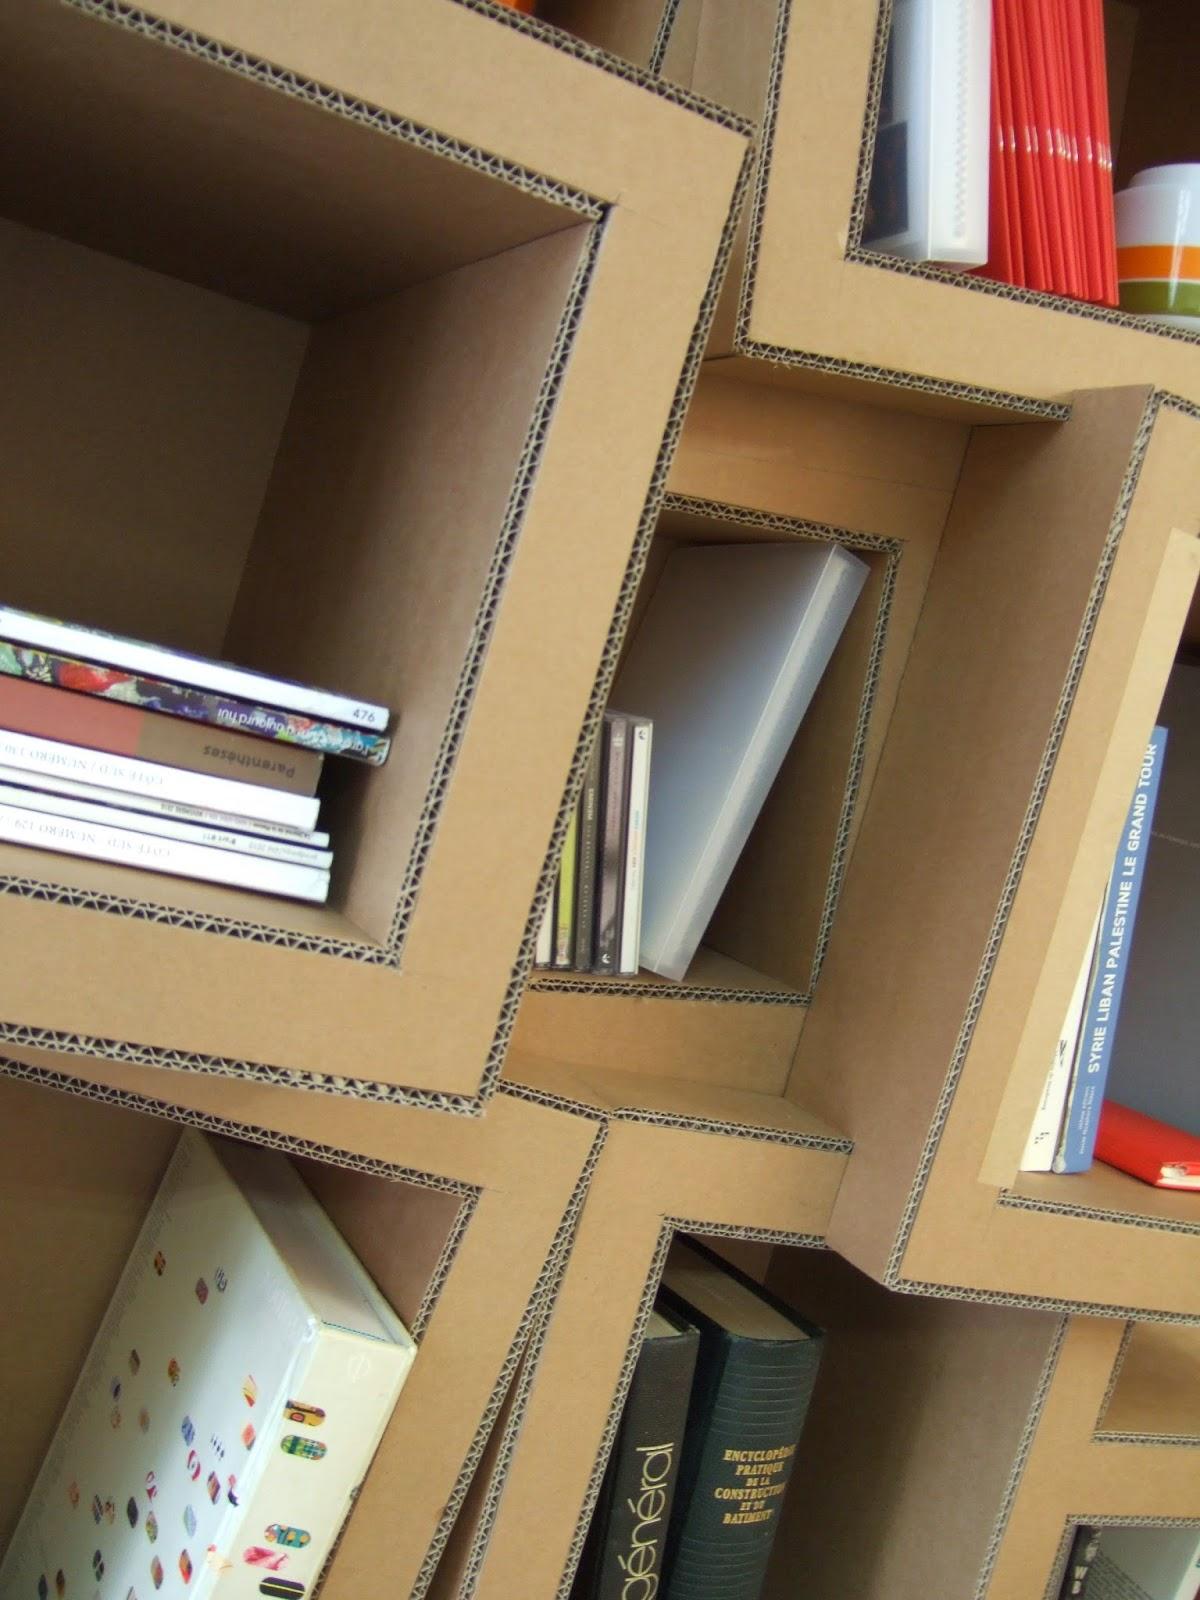 Meuble en carton, étagère et bibliothèque Vous choisissez la taille, la forme, le nombre de cases & le type de finitions  Un design original et fonctionnel pour ranger livres & objets de toute la maisonnée Du sur-mesure fabriqué à Marseille / Spritz° la fabrique pétillante